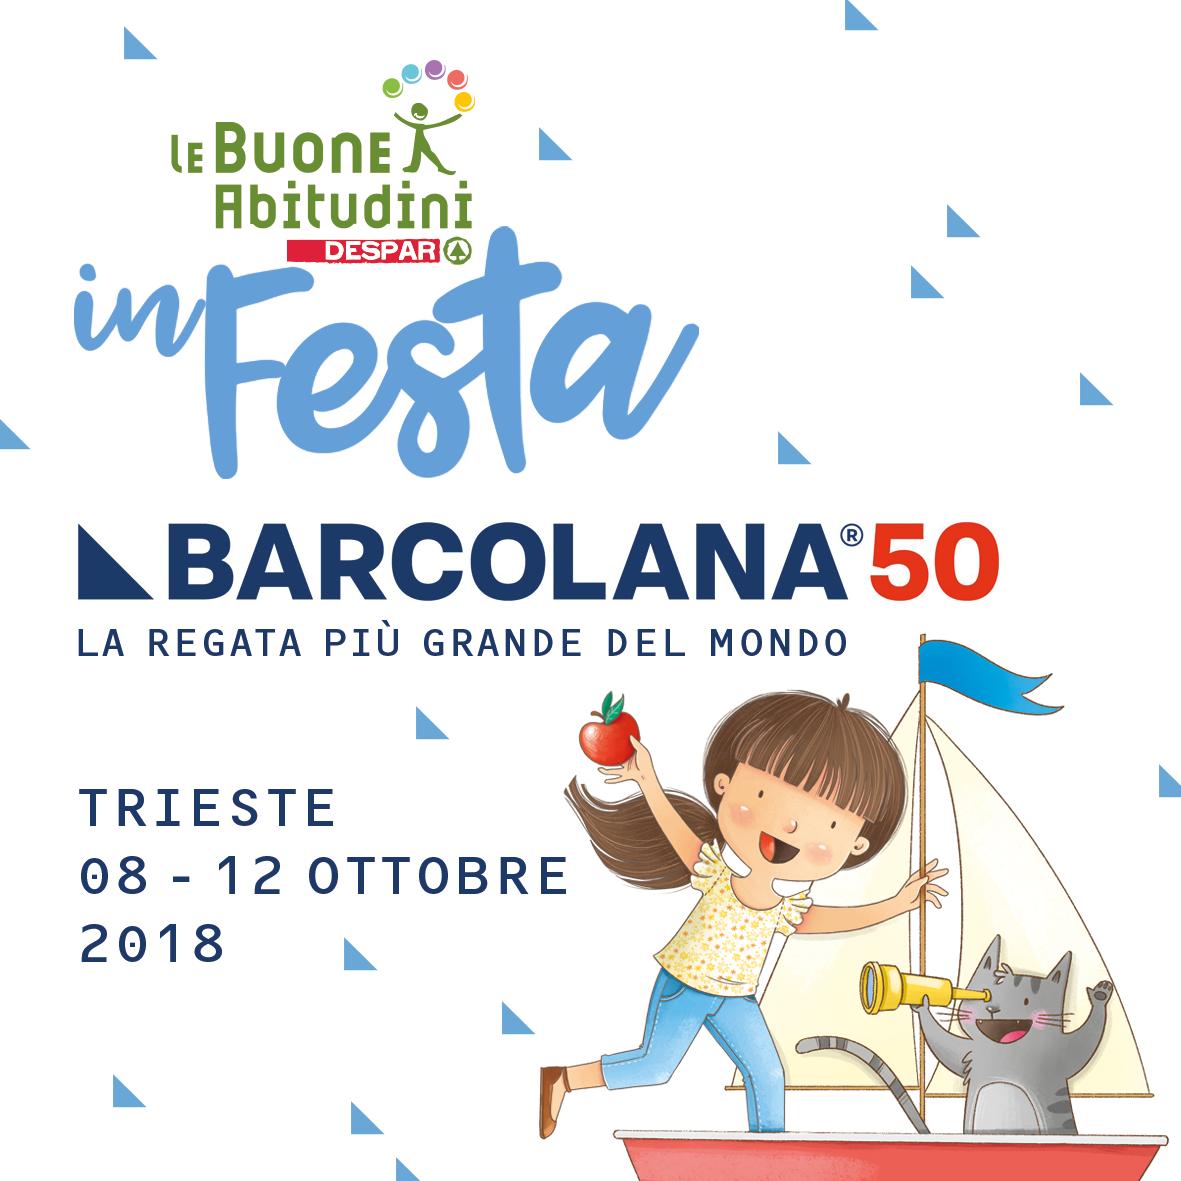 Le Buone Abitudini sbarca a Trieste per Barcolana50 !